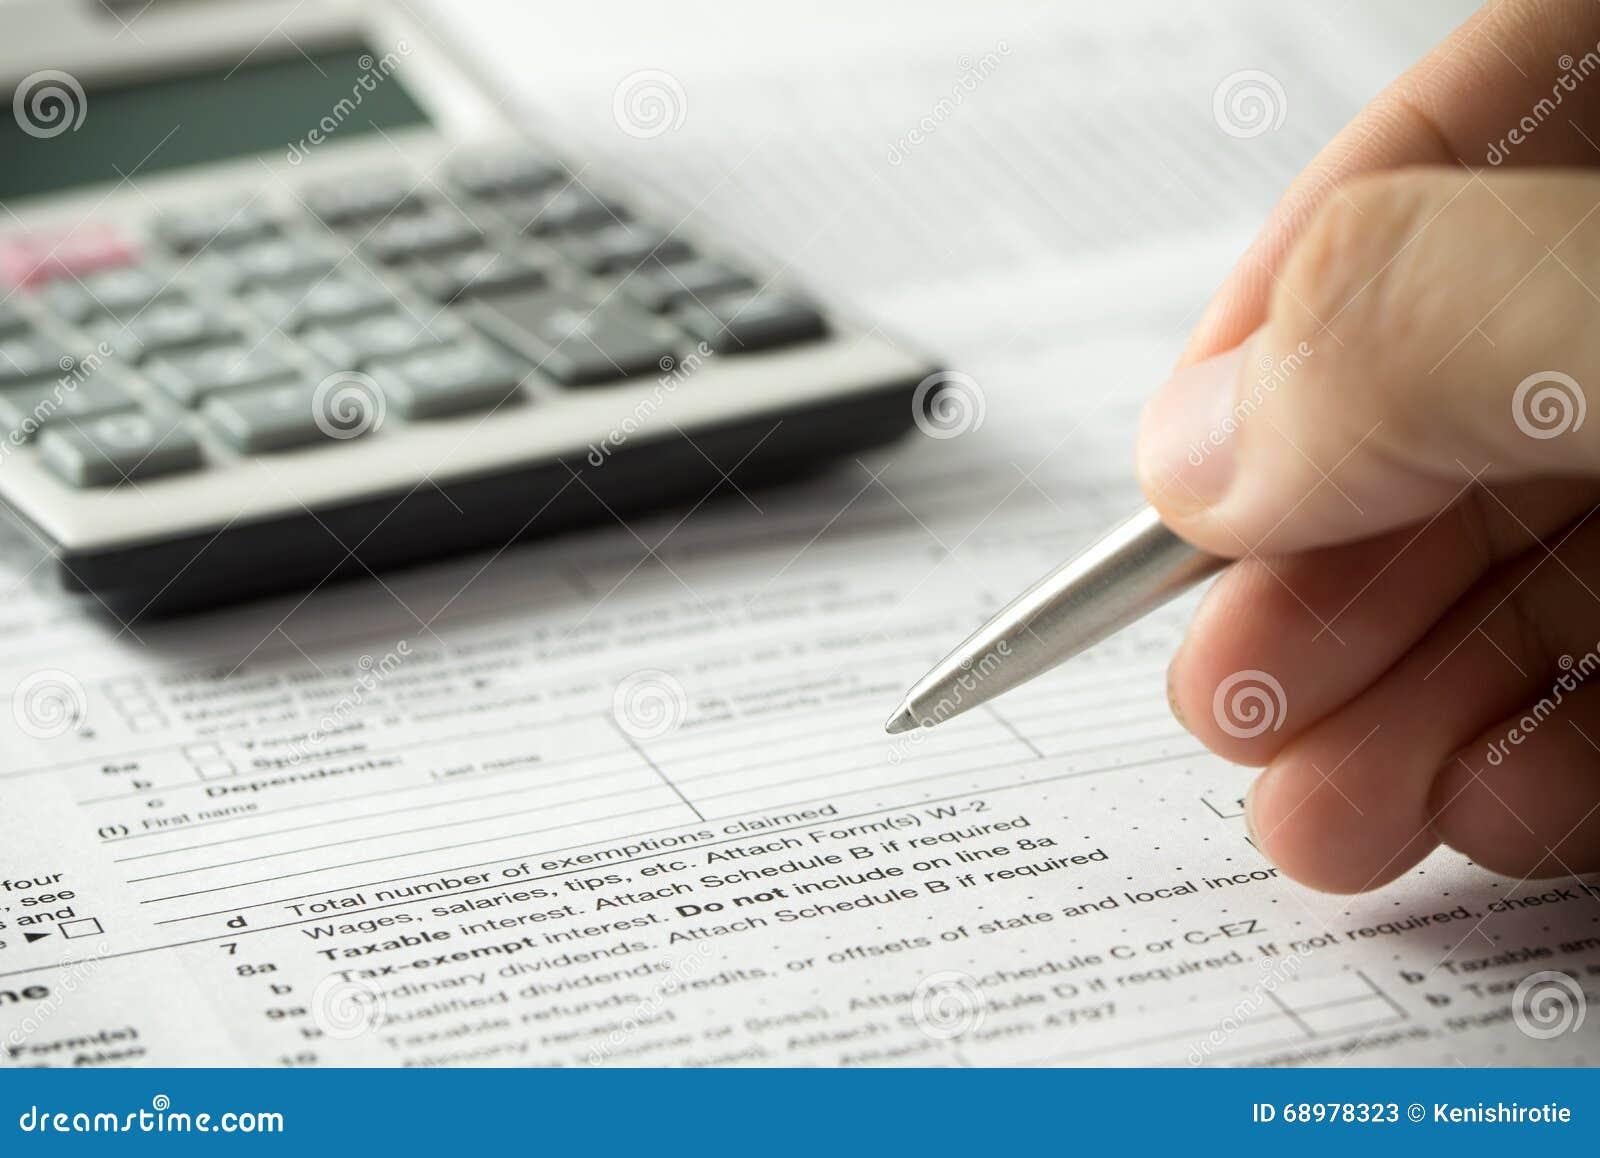 Relleno del impuesto sobre la renta